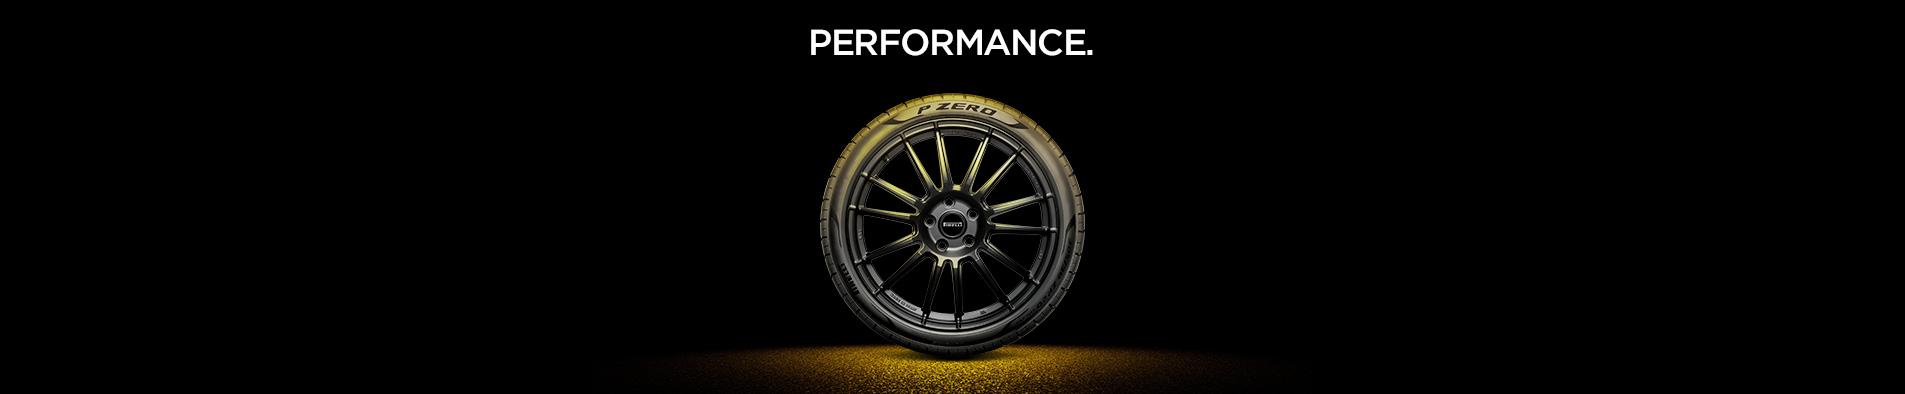 Rebate 2018 Pirelli